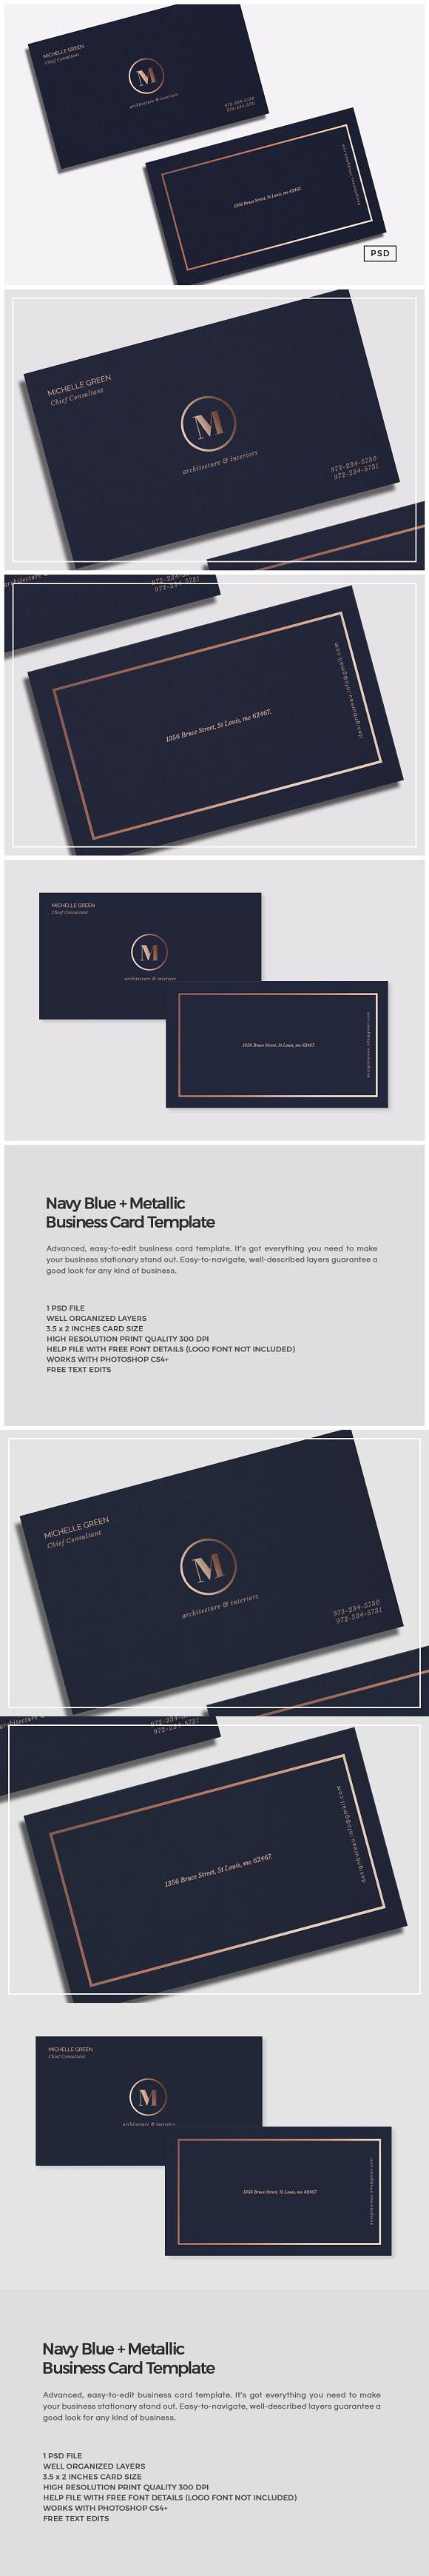 Navy blue metallic business card card templates business cards navy blue metallic business card creative business card templates reheart Image collections